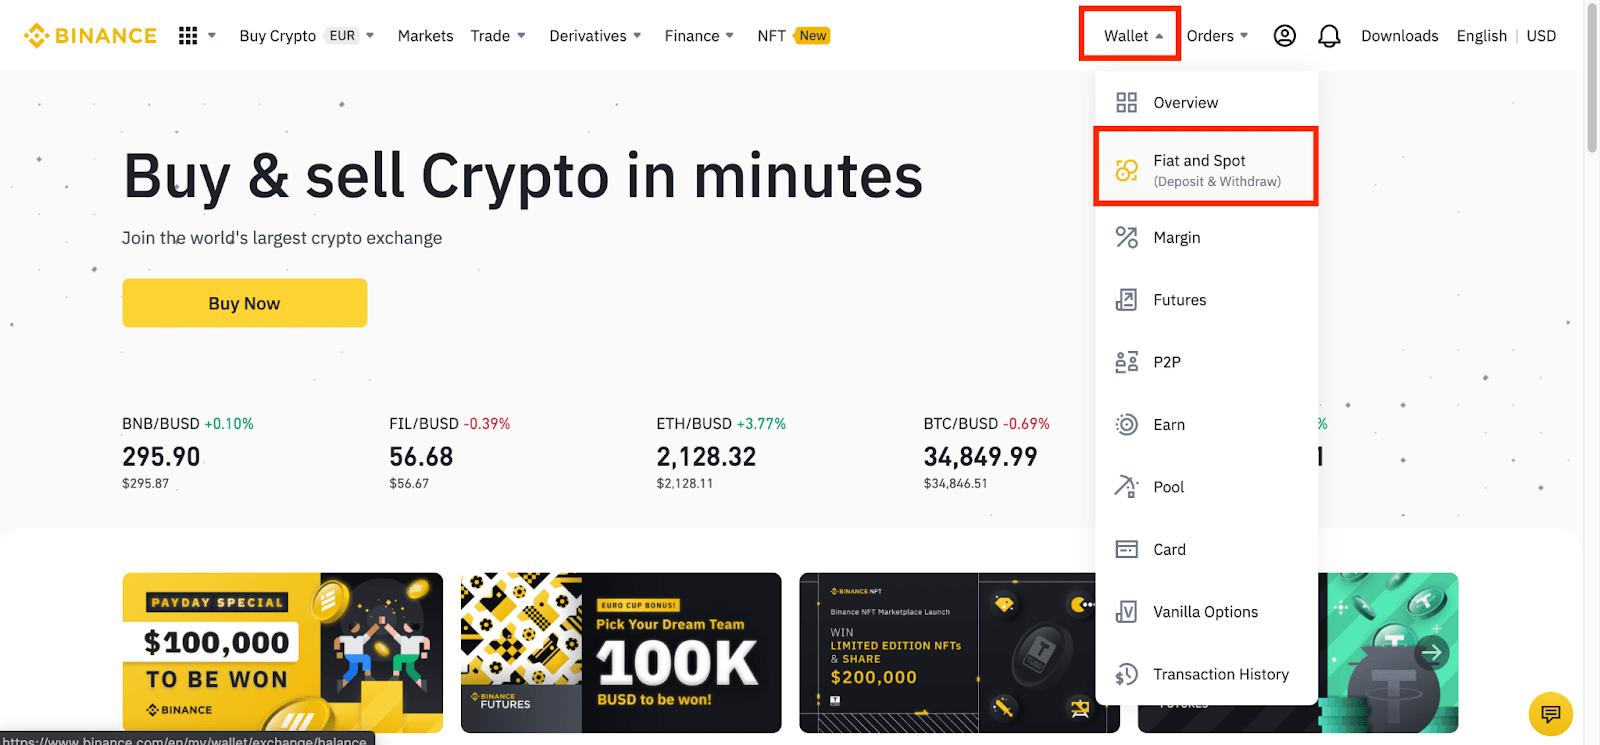 Wie kann ich 2020 kostenlose Bitcoins bekommen